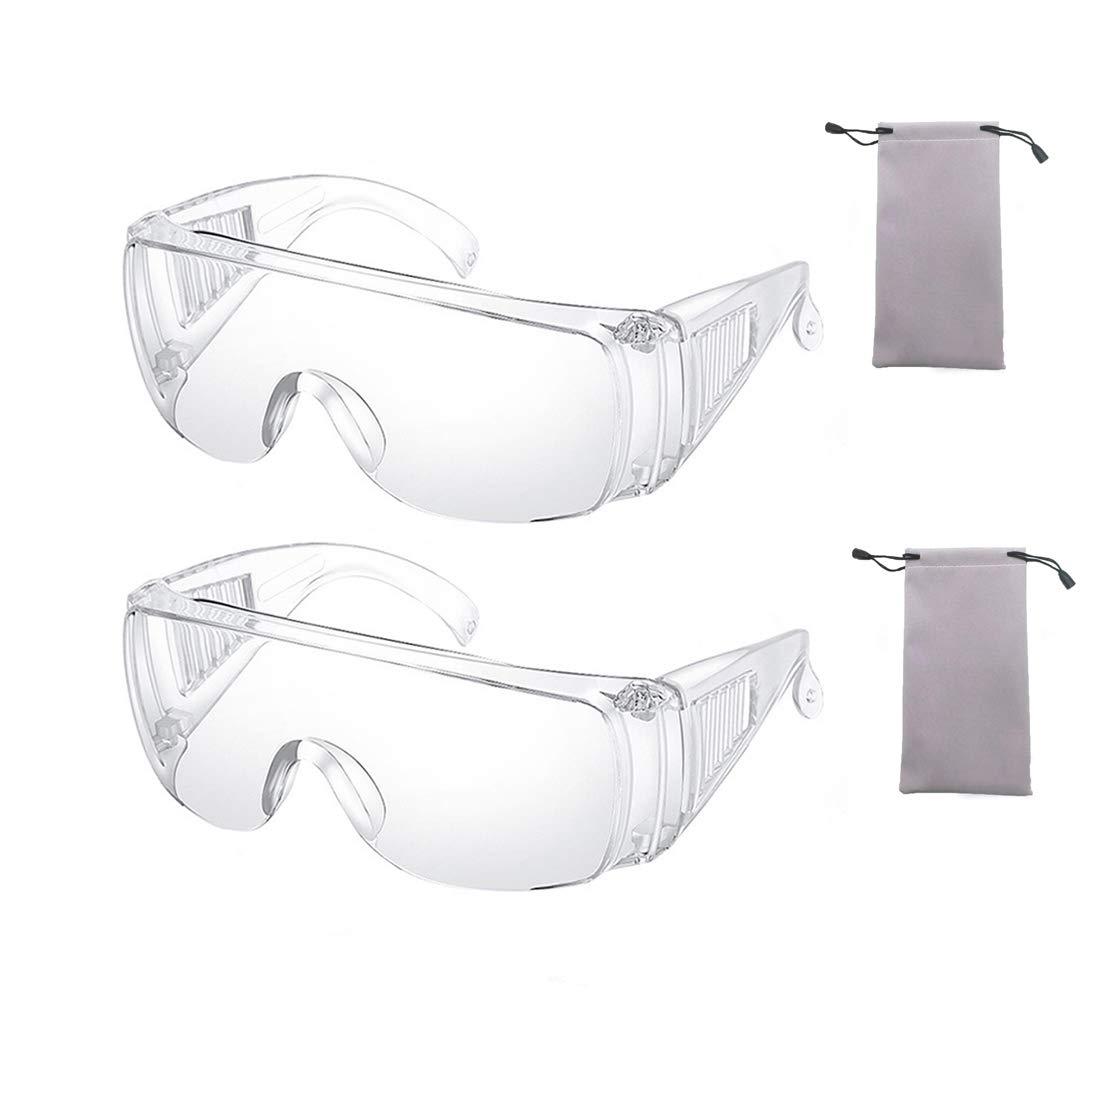 2 Piezas Claro Seguridad Lentes Personal Protector Equipo Transparente Gafas Protección UV Proteccion Adulto Terminado Lentes para Construcción, Laboratorio, Química Clase